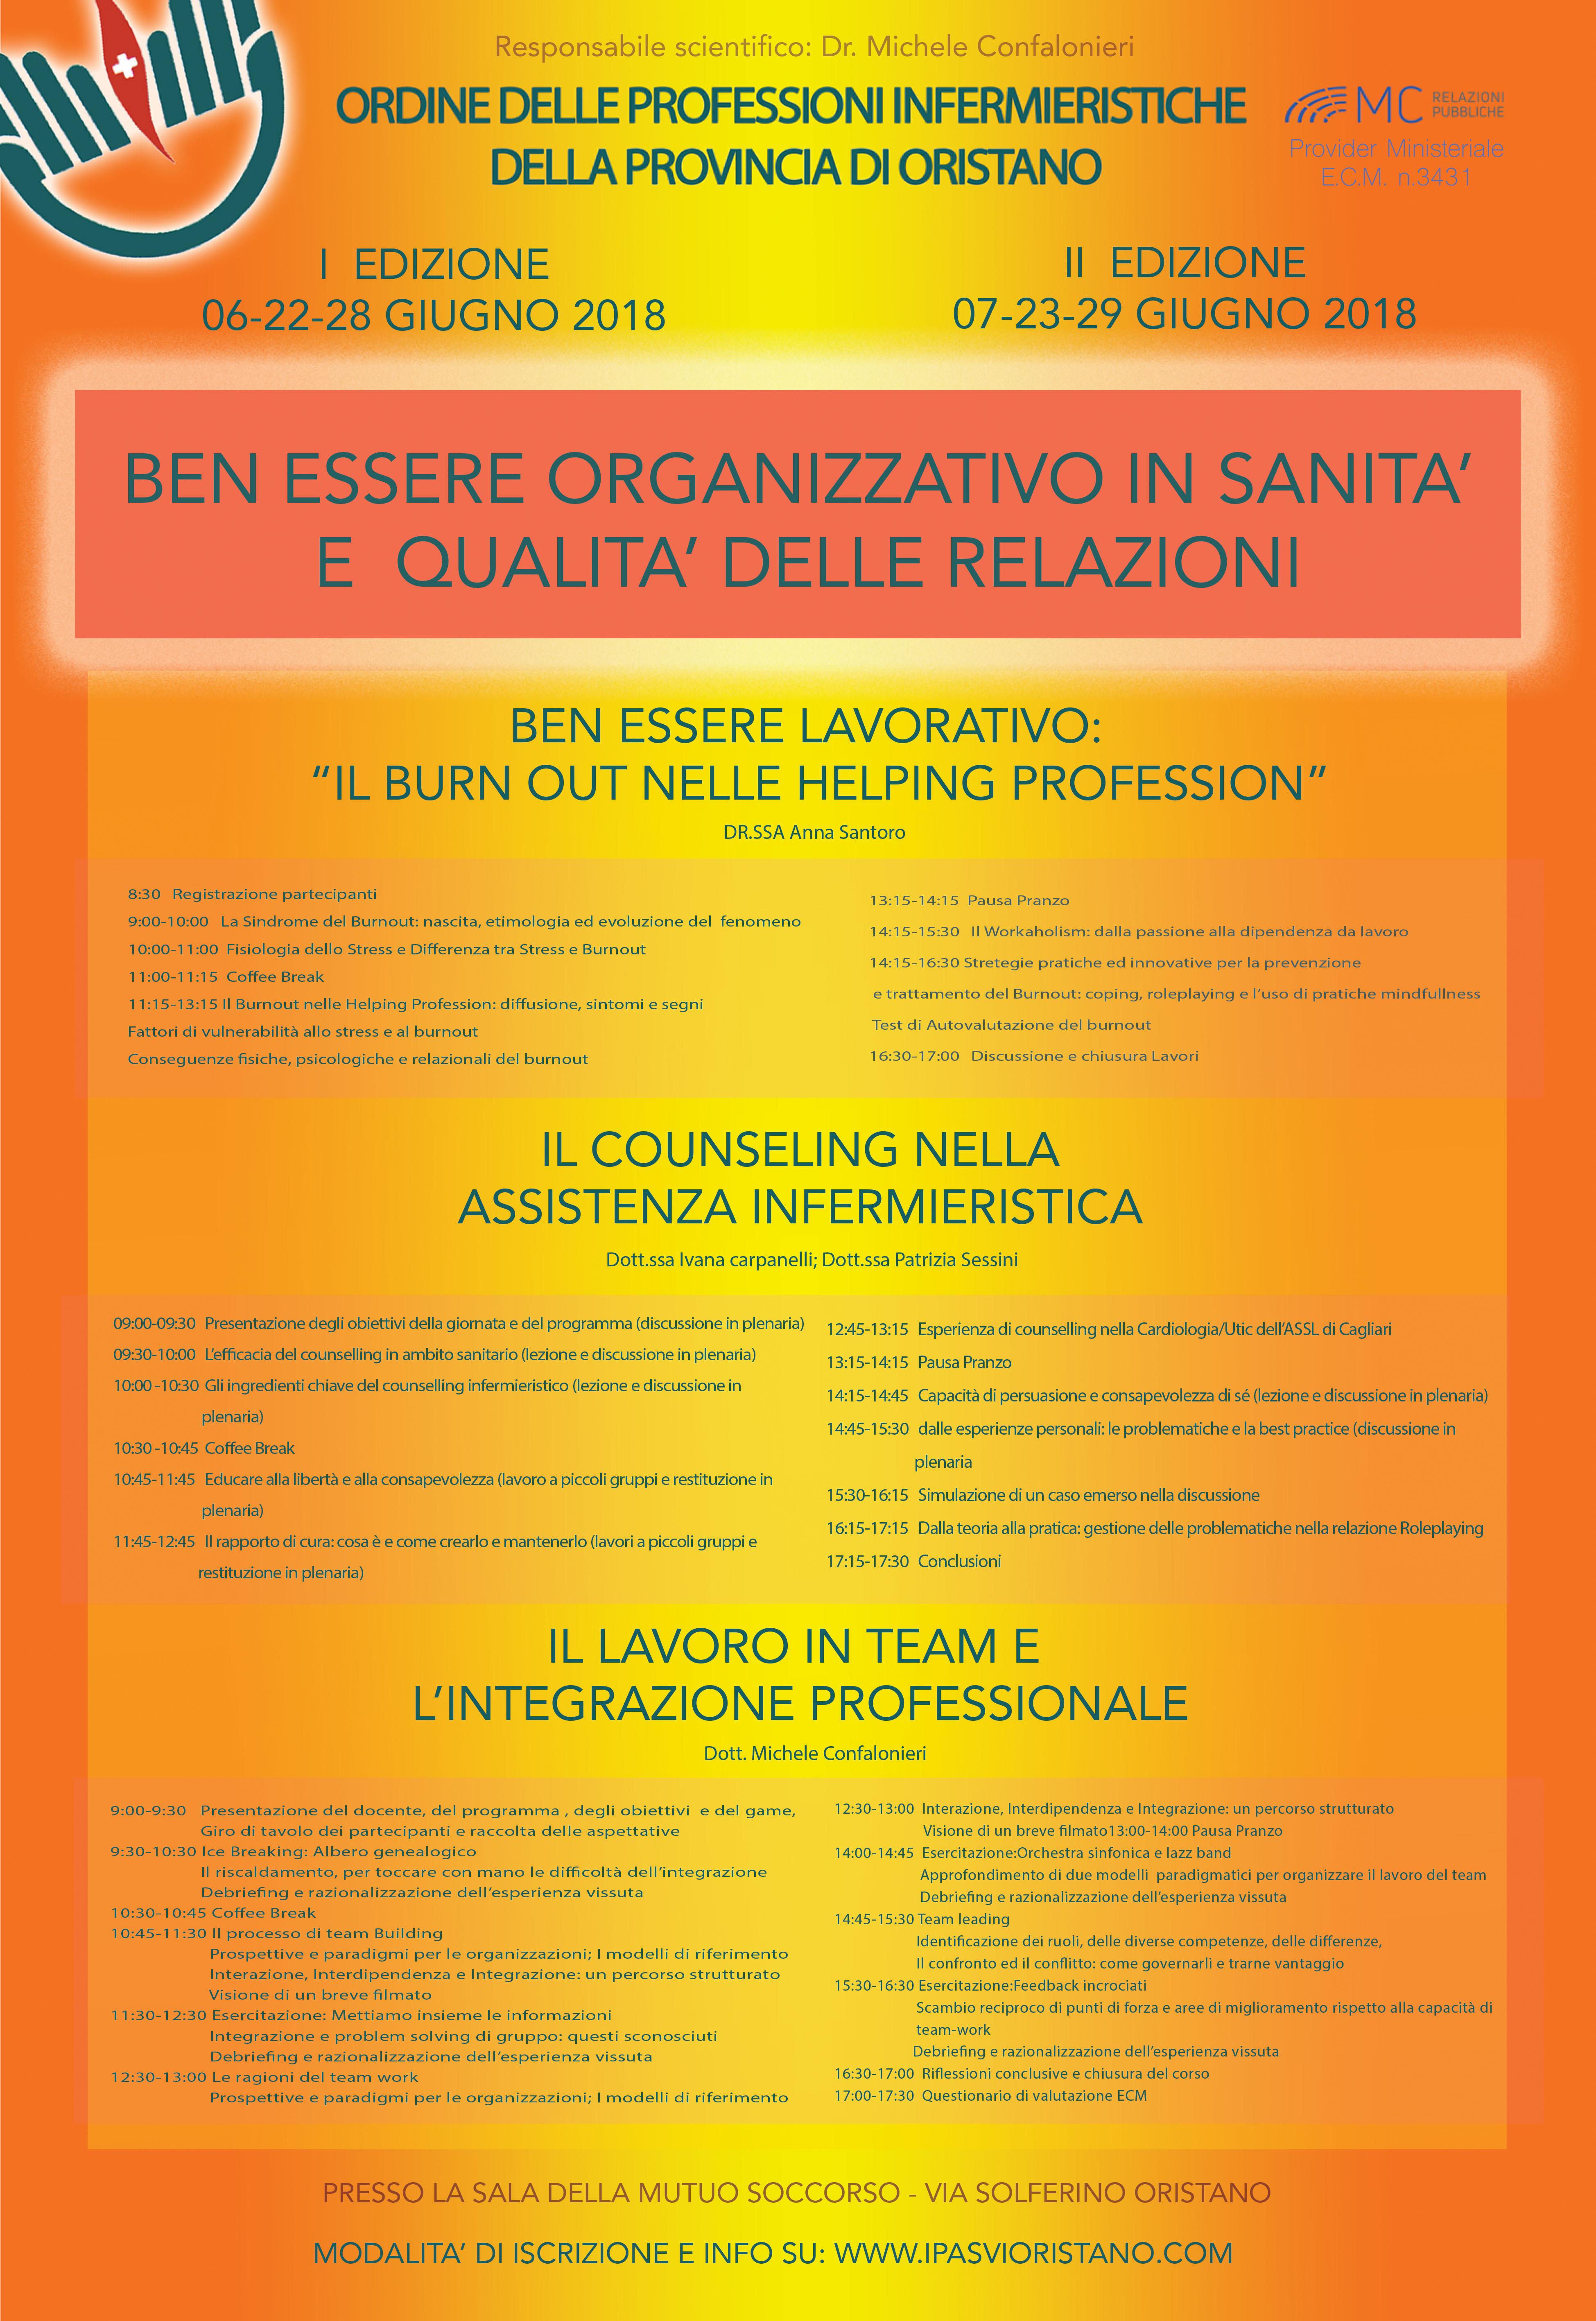 BEN-ESSERE ORGANIZZATIVO IN SANITÀ E QUALITÀ DELLE RELAZIONI